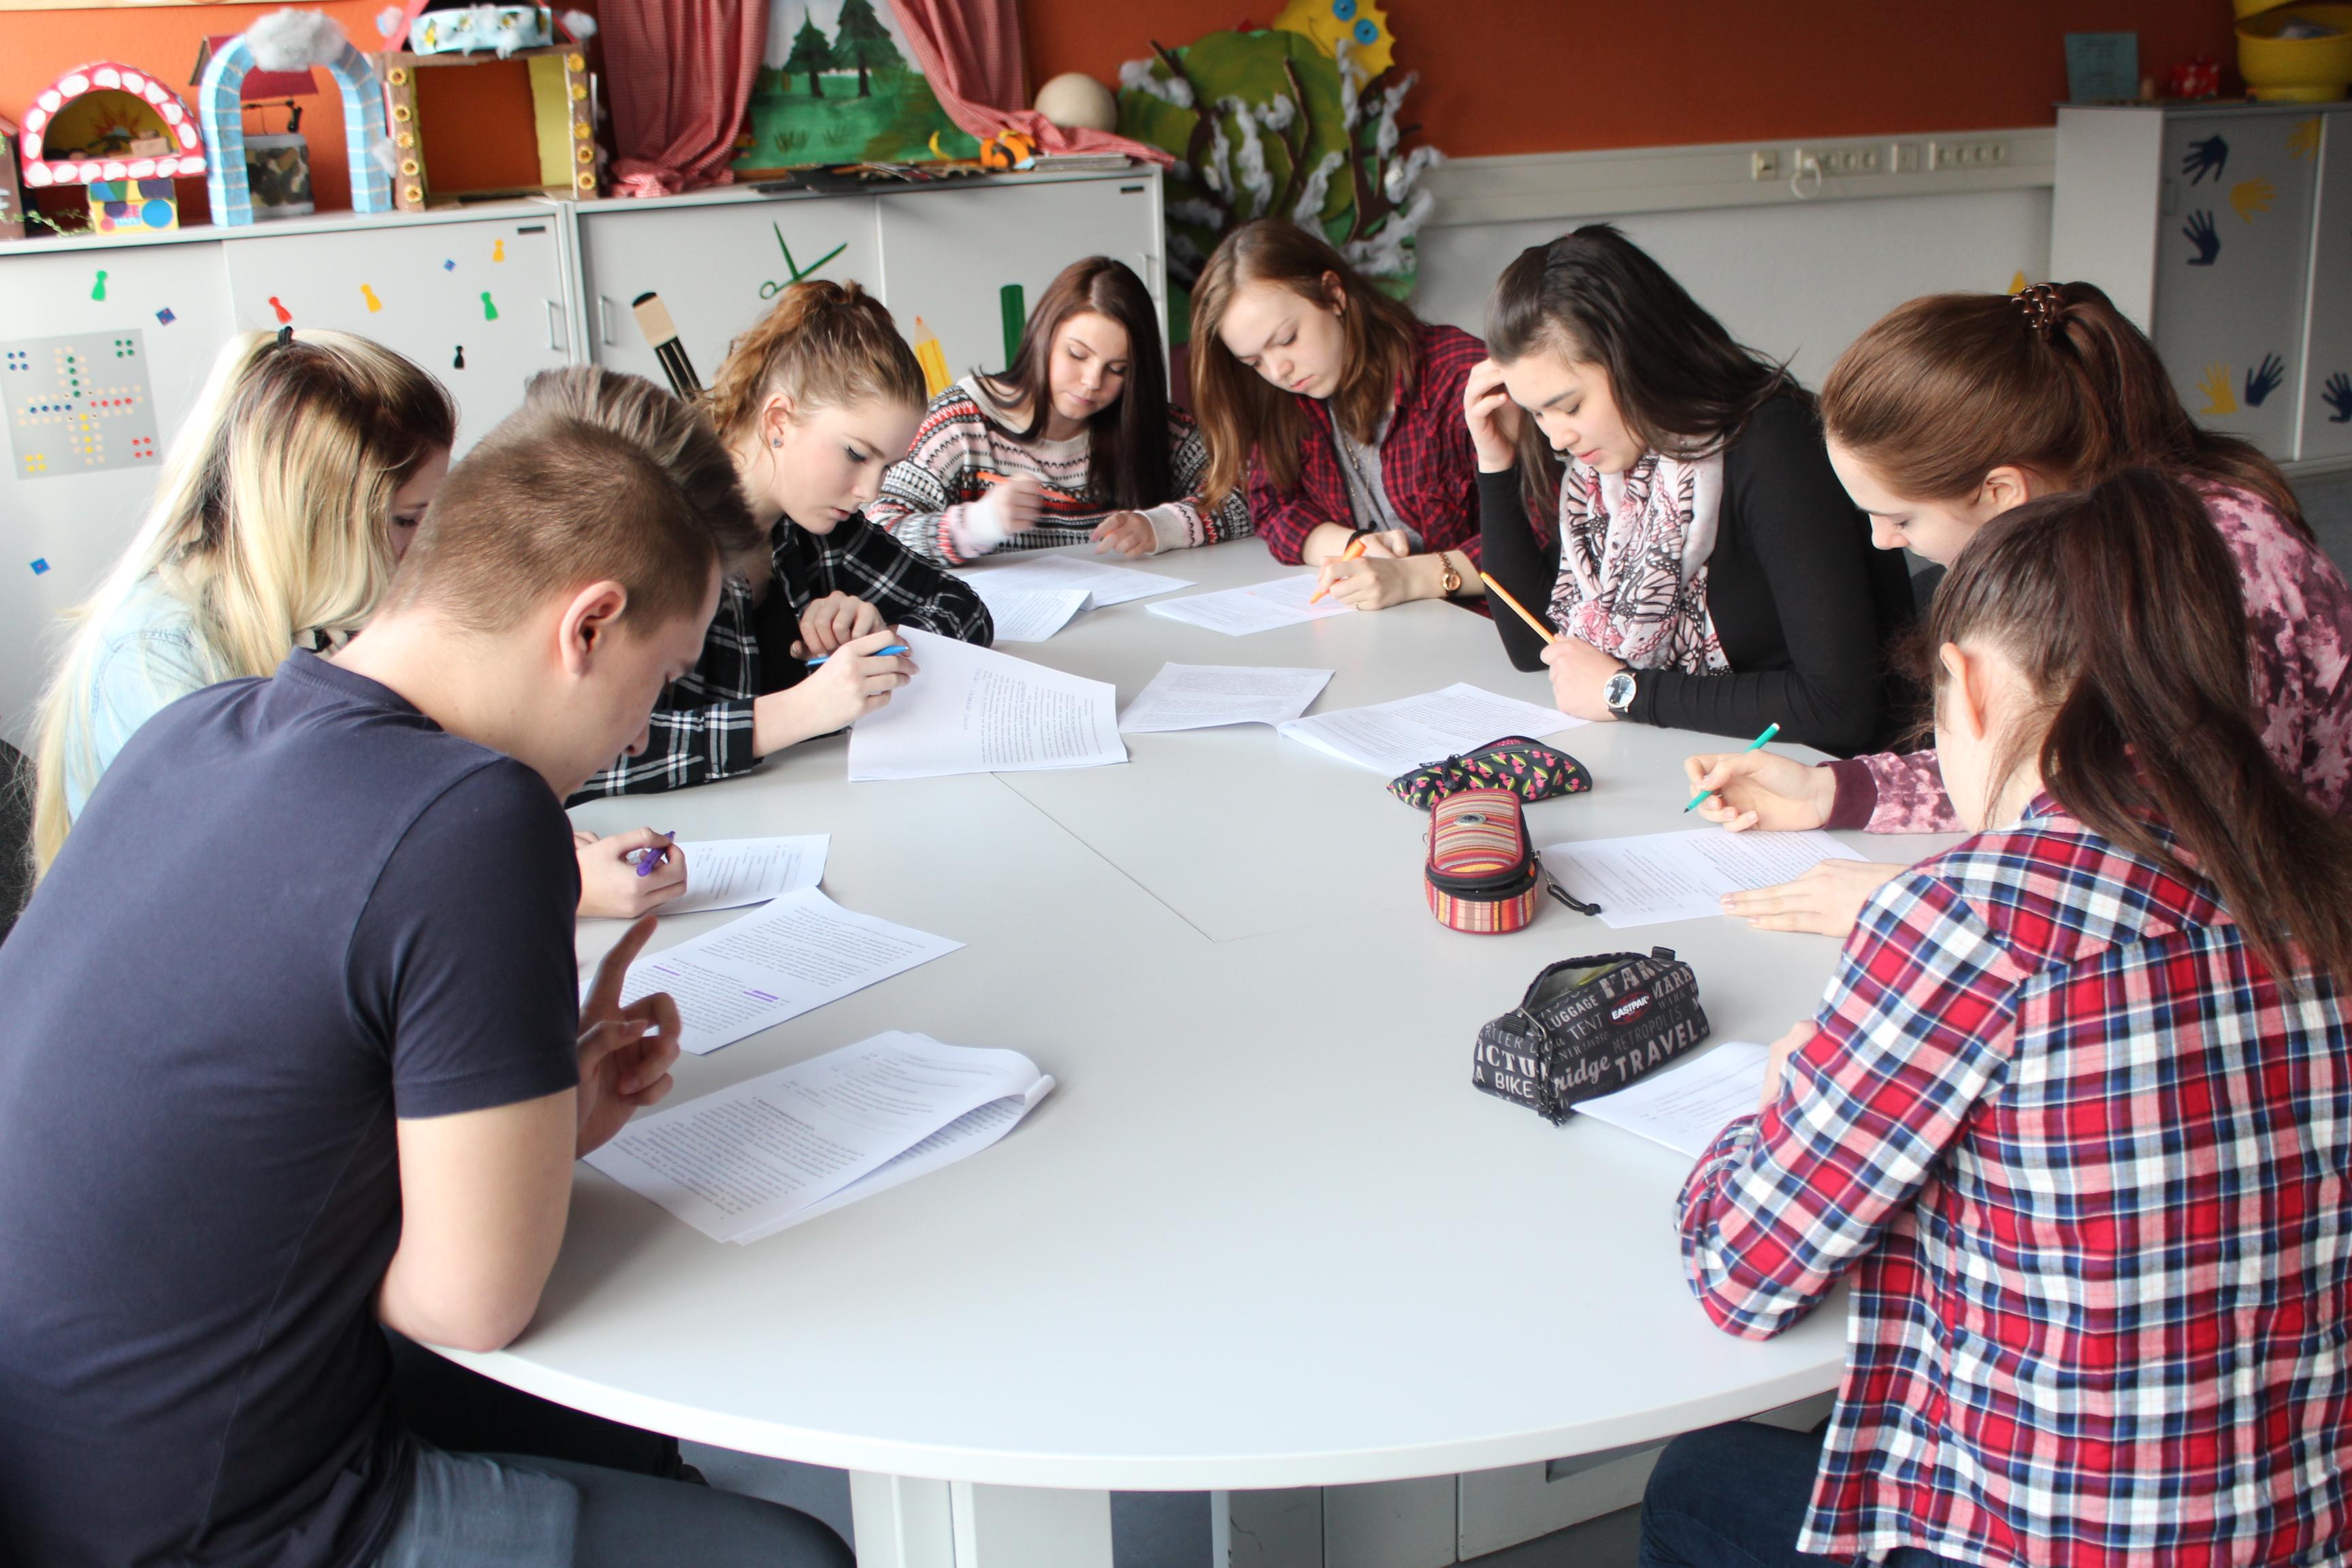 Fraktionssitzung beim Planspiel